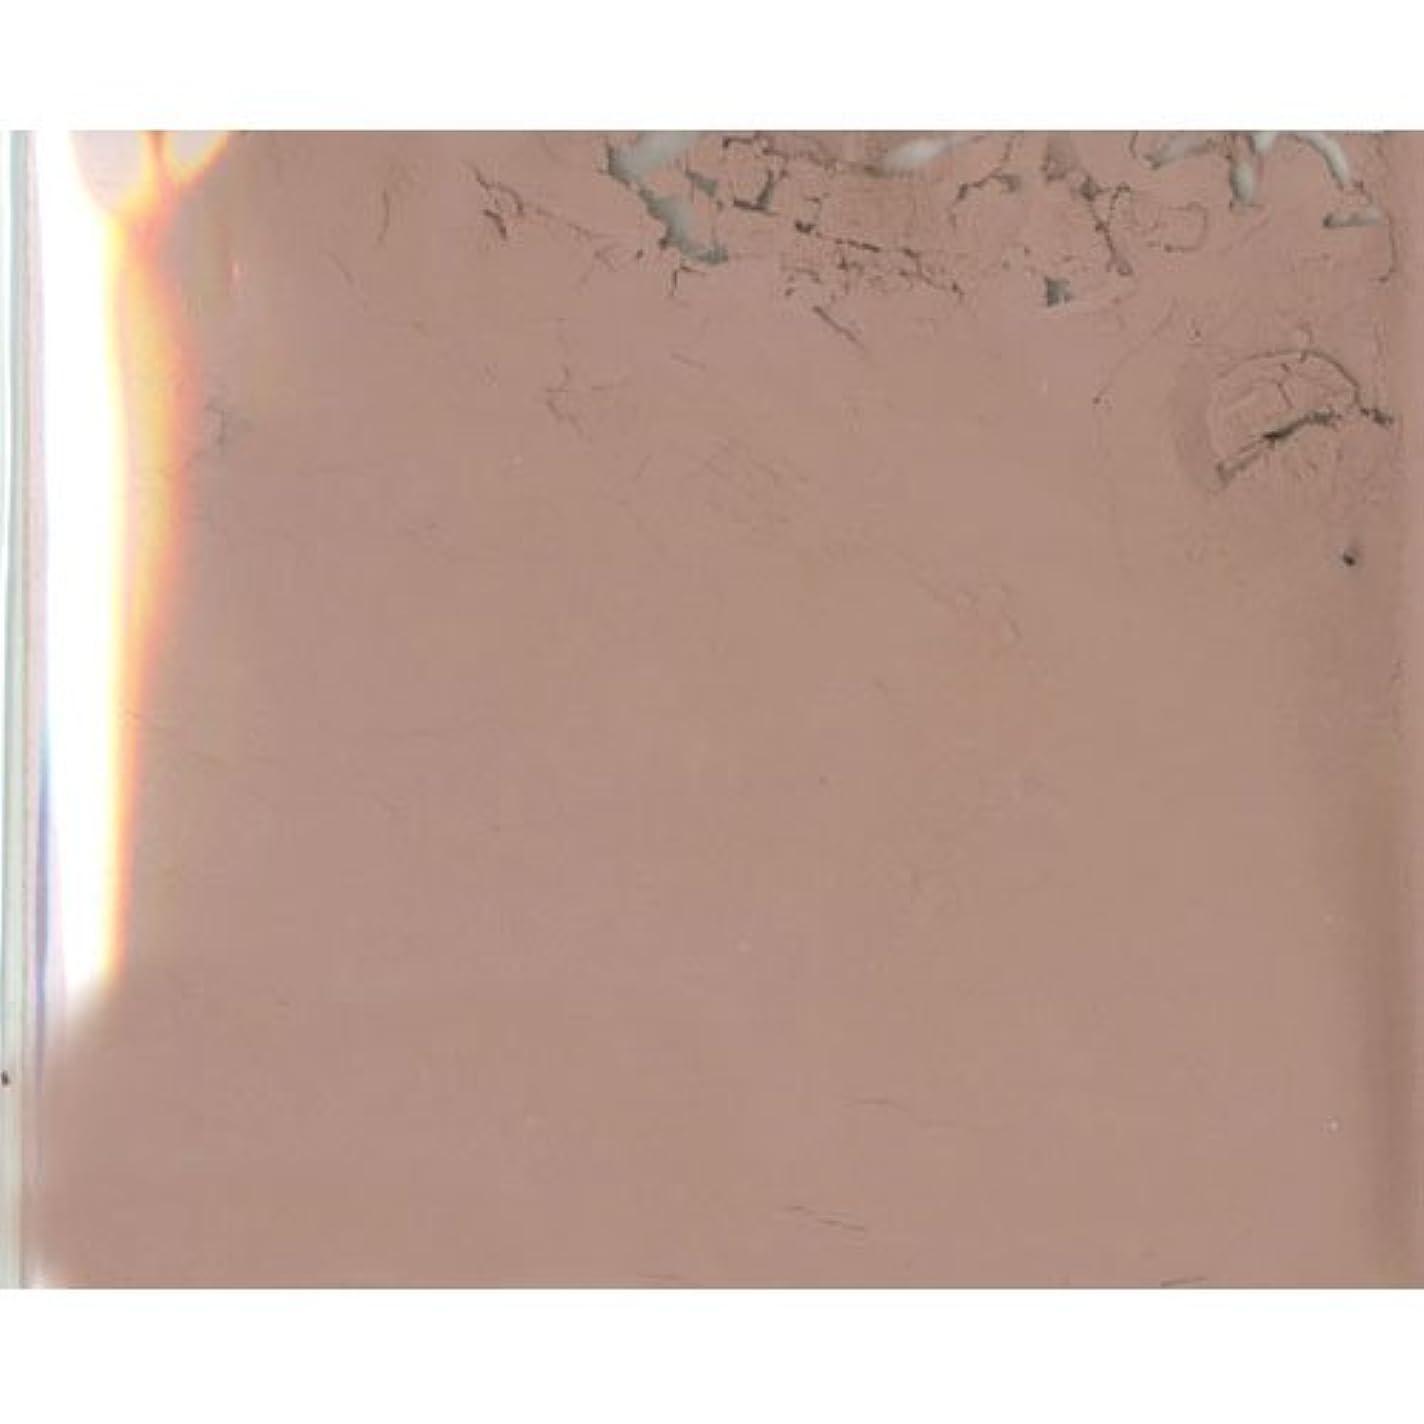 前兆ビデオ劇作家ピカエース ネイル用パウダー ピカエース カラーパウダー 透明顔料 #985 チョコレートブラウン 2g アート材